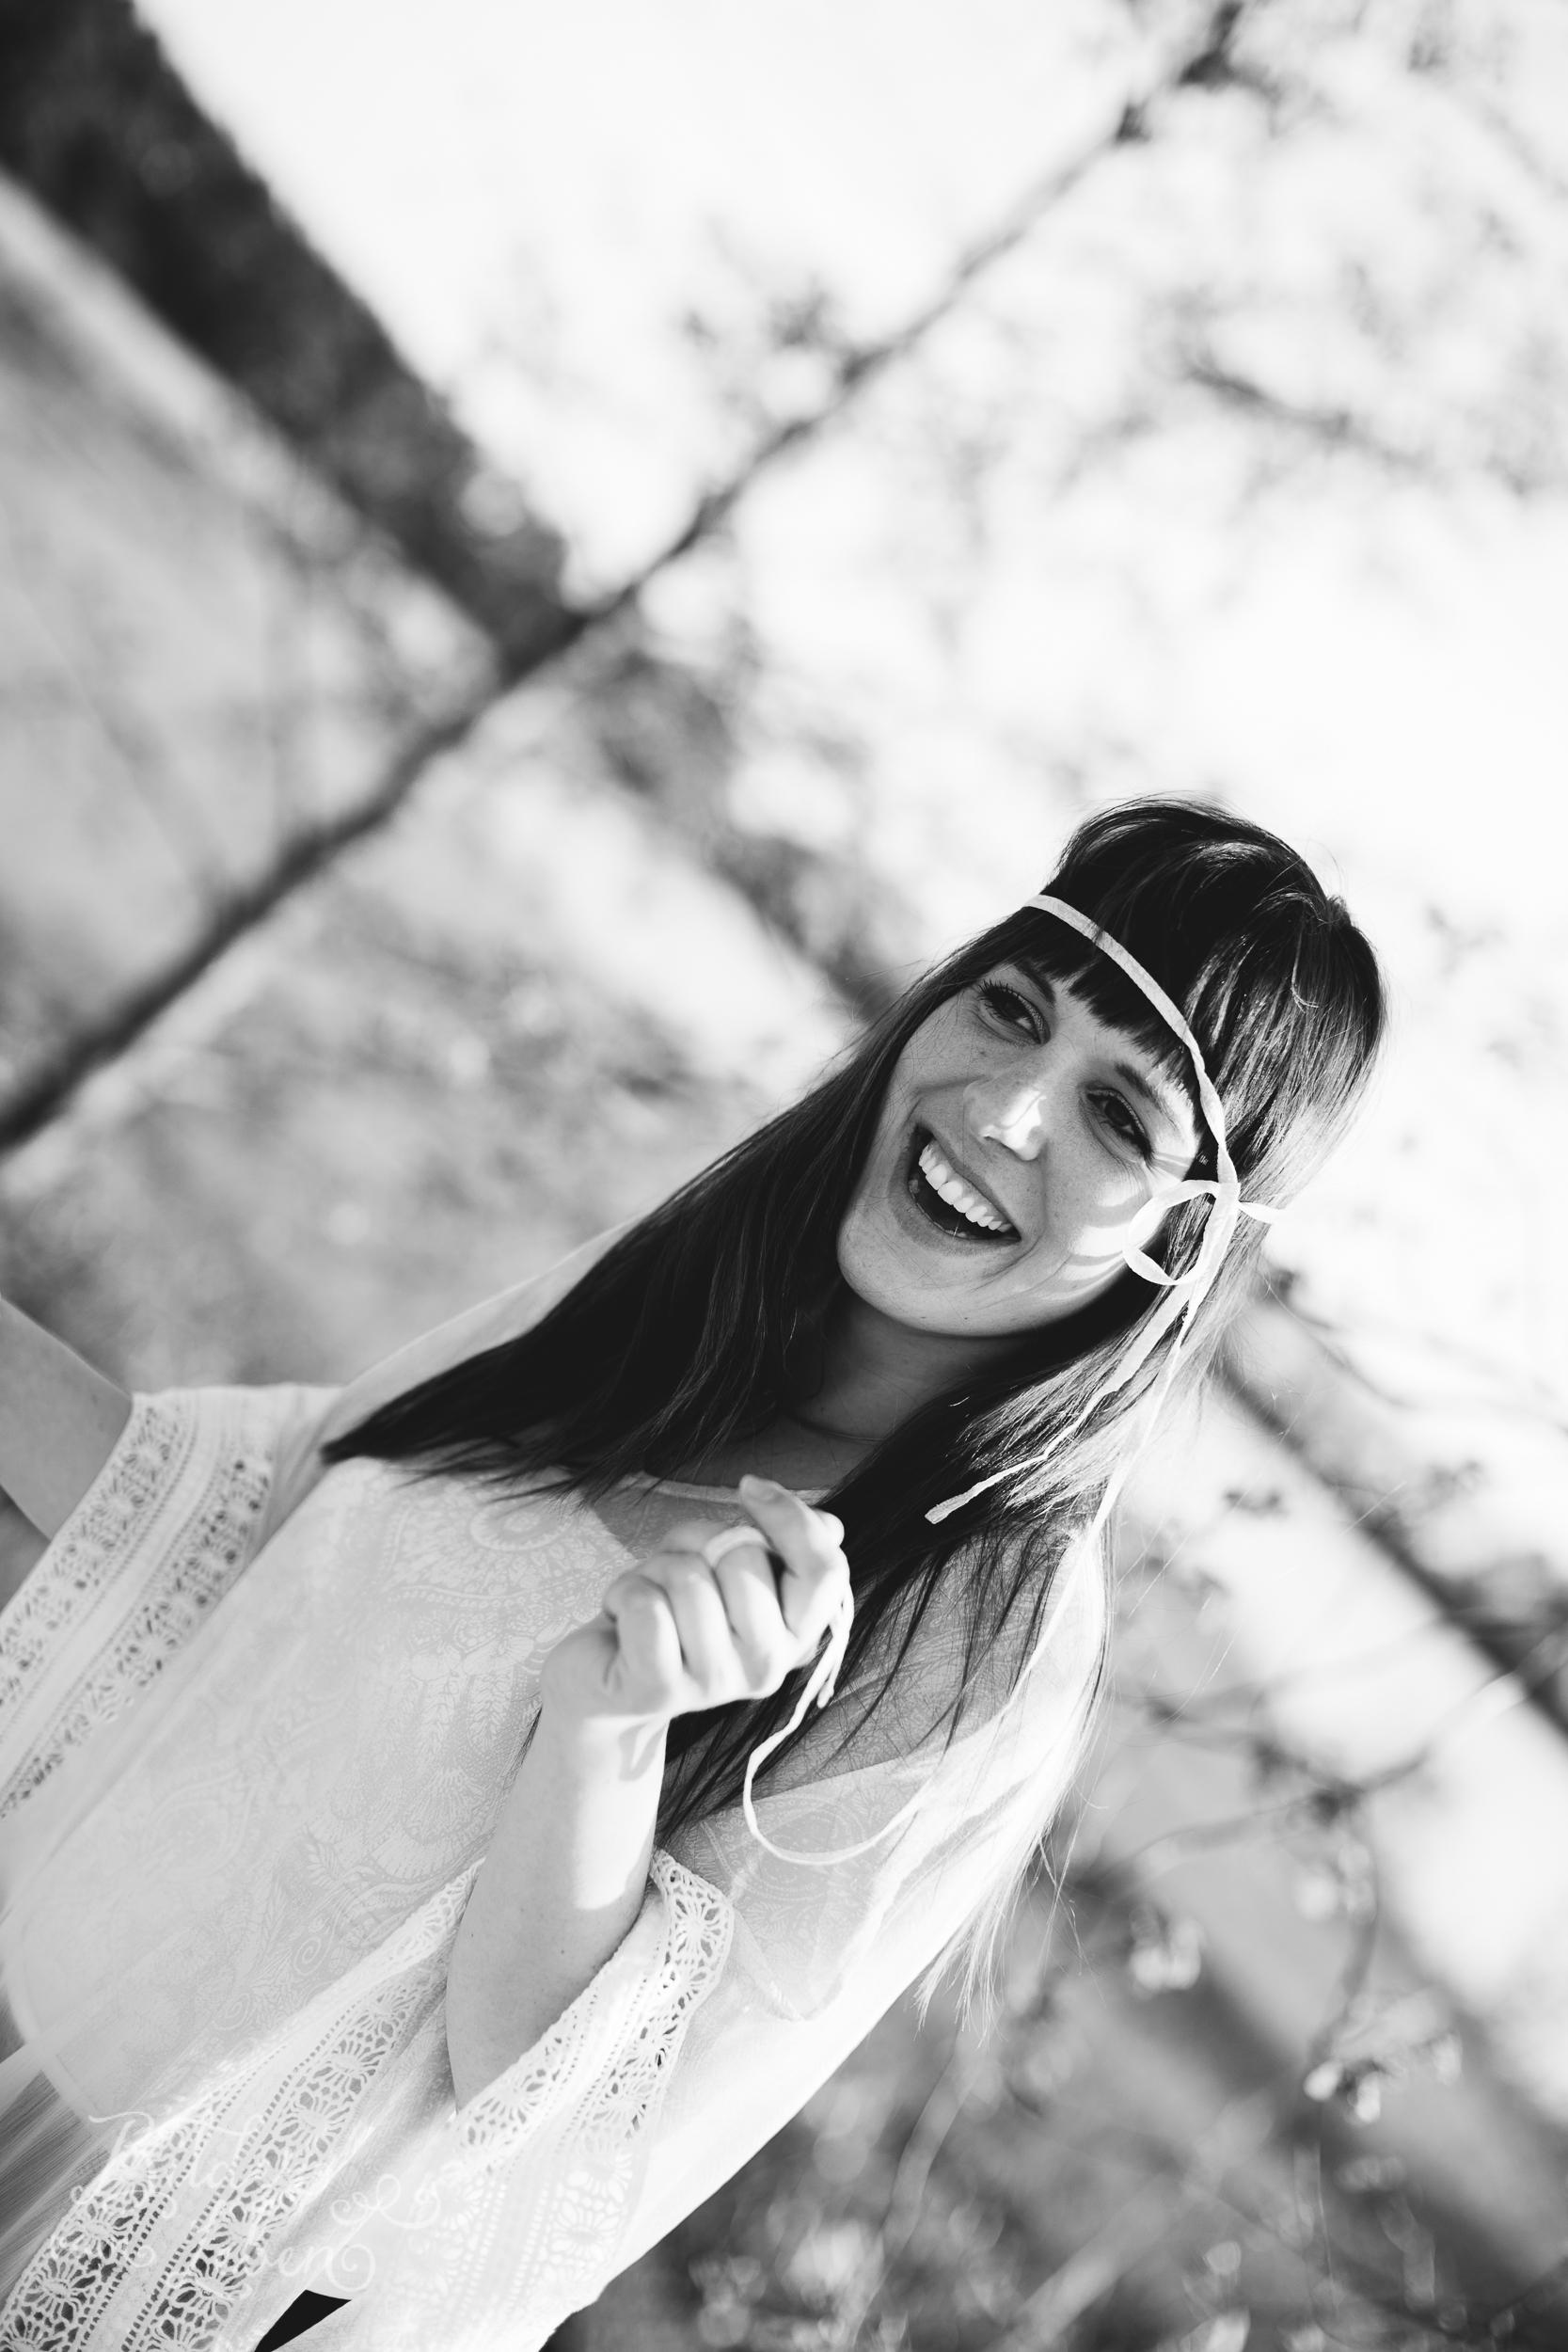 BildervomLeben-Fotografie-Christina-Heinig-Portraits-Gegenlicht-Susanne-2016-5587